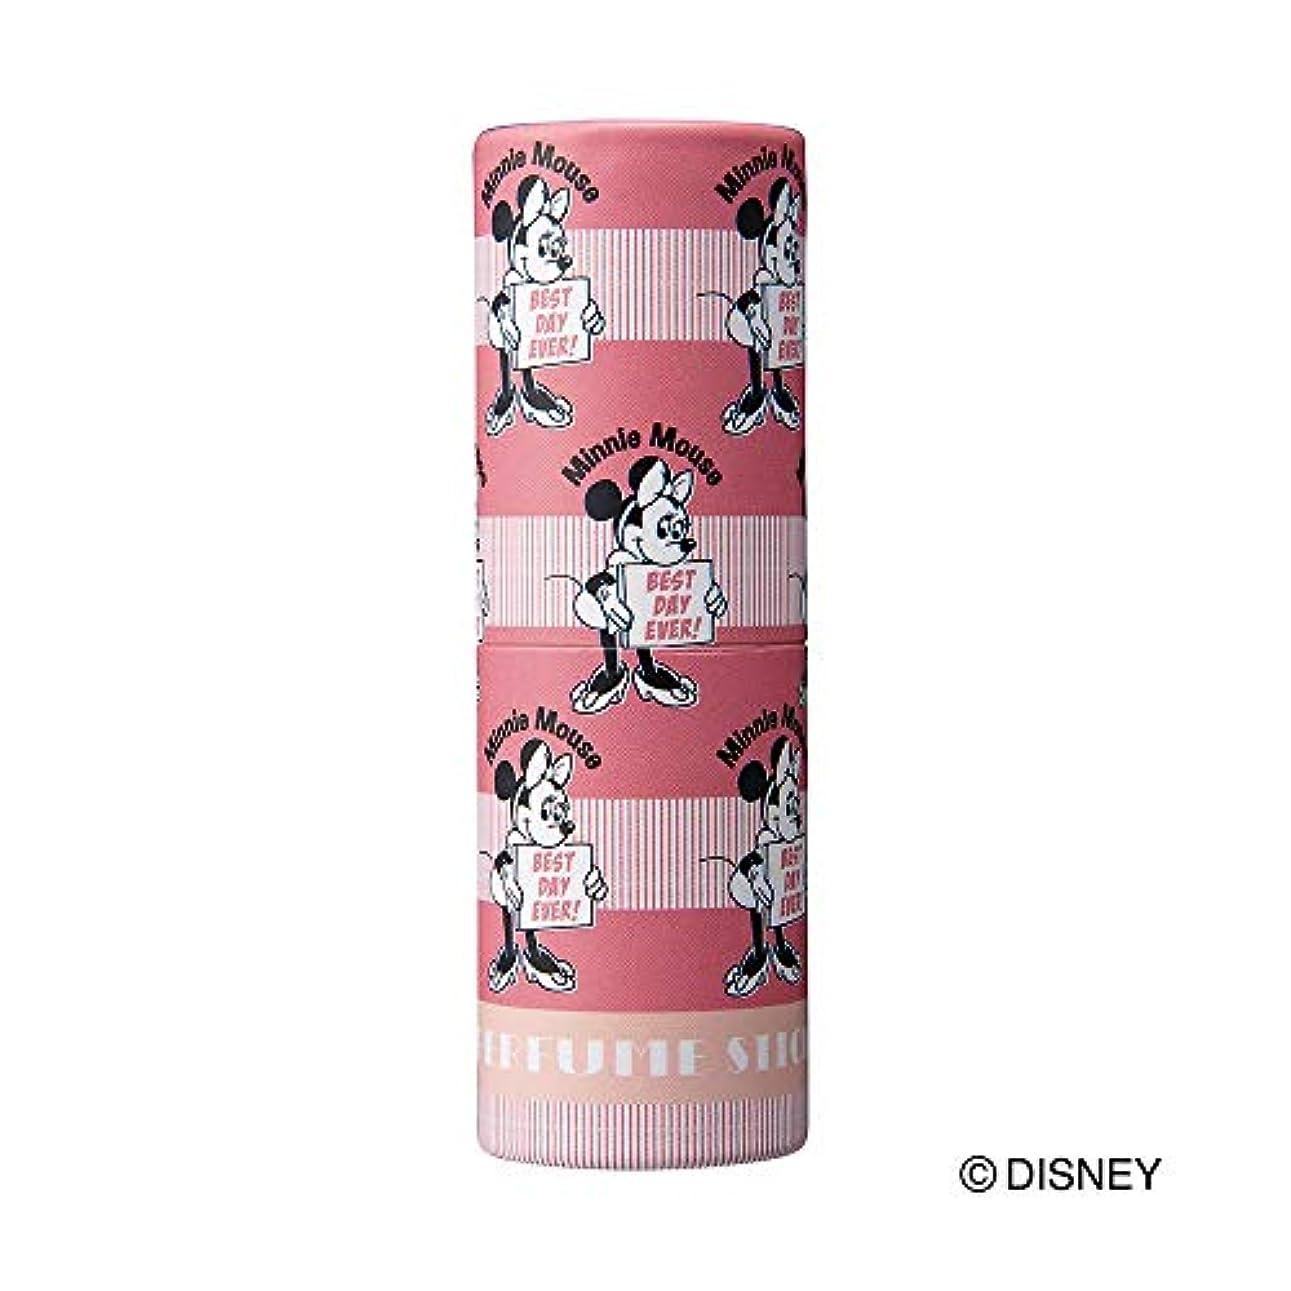 対人脚本燃やすパフュームスティック ハッピー アップル&ローズの香り ディズニーデザイン 5g